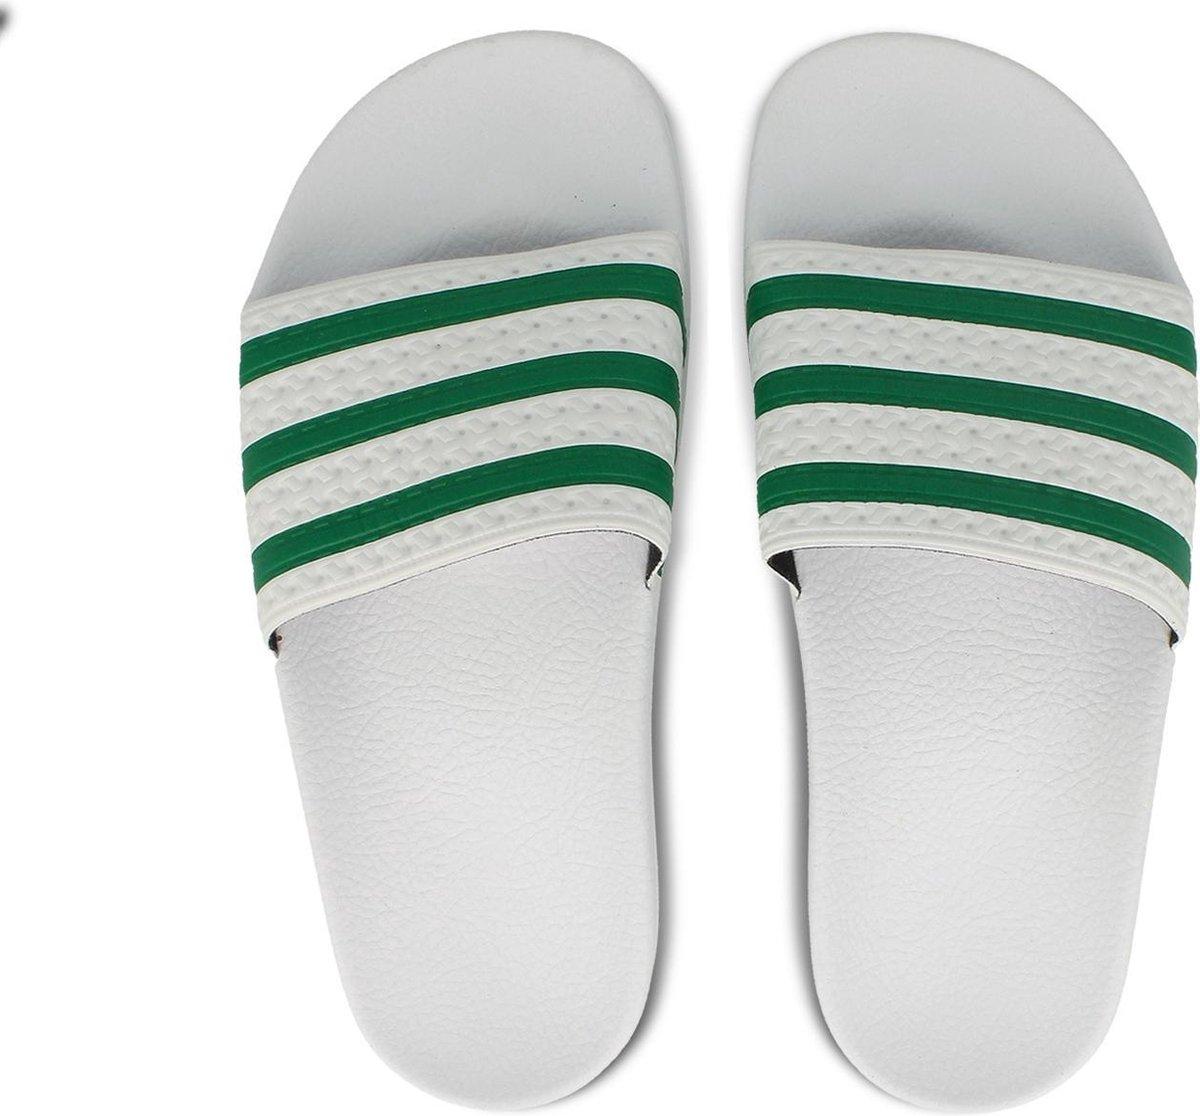 bol.com | adidas Adilette - Slippers - Unisex - Maat 43 ...